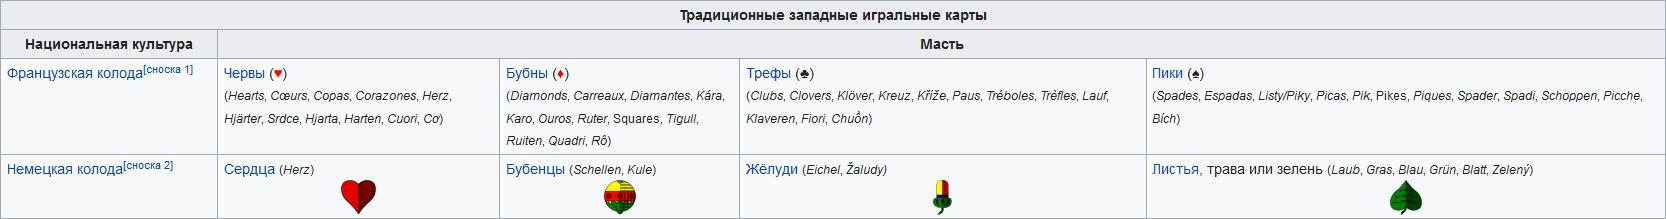 Сравнение мастей в разных системах (Википедия)